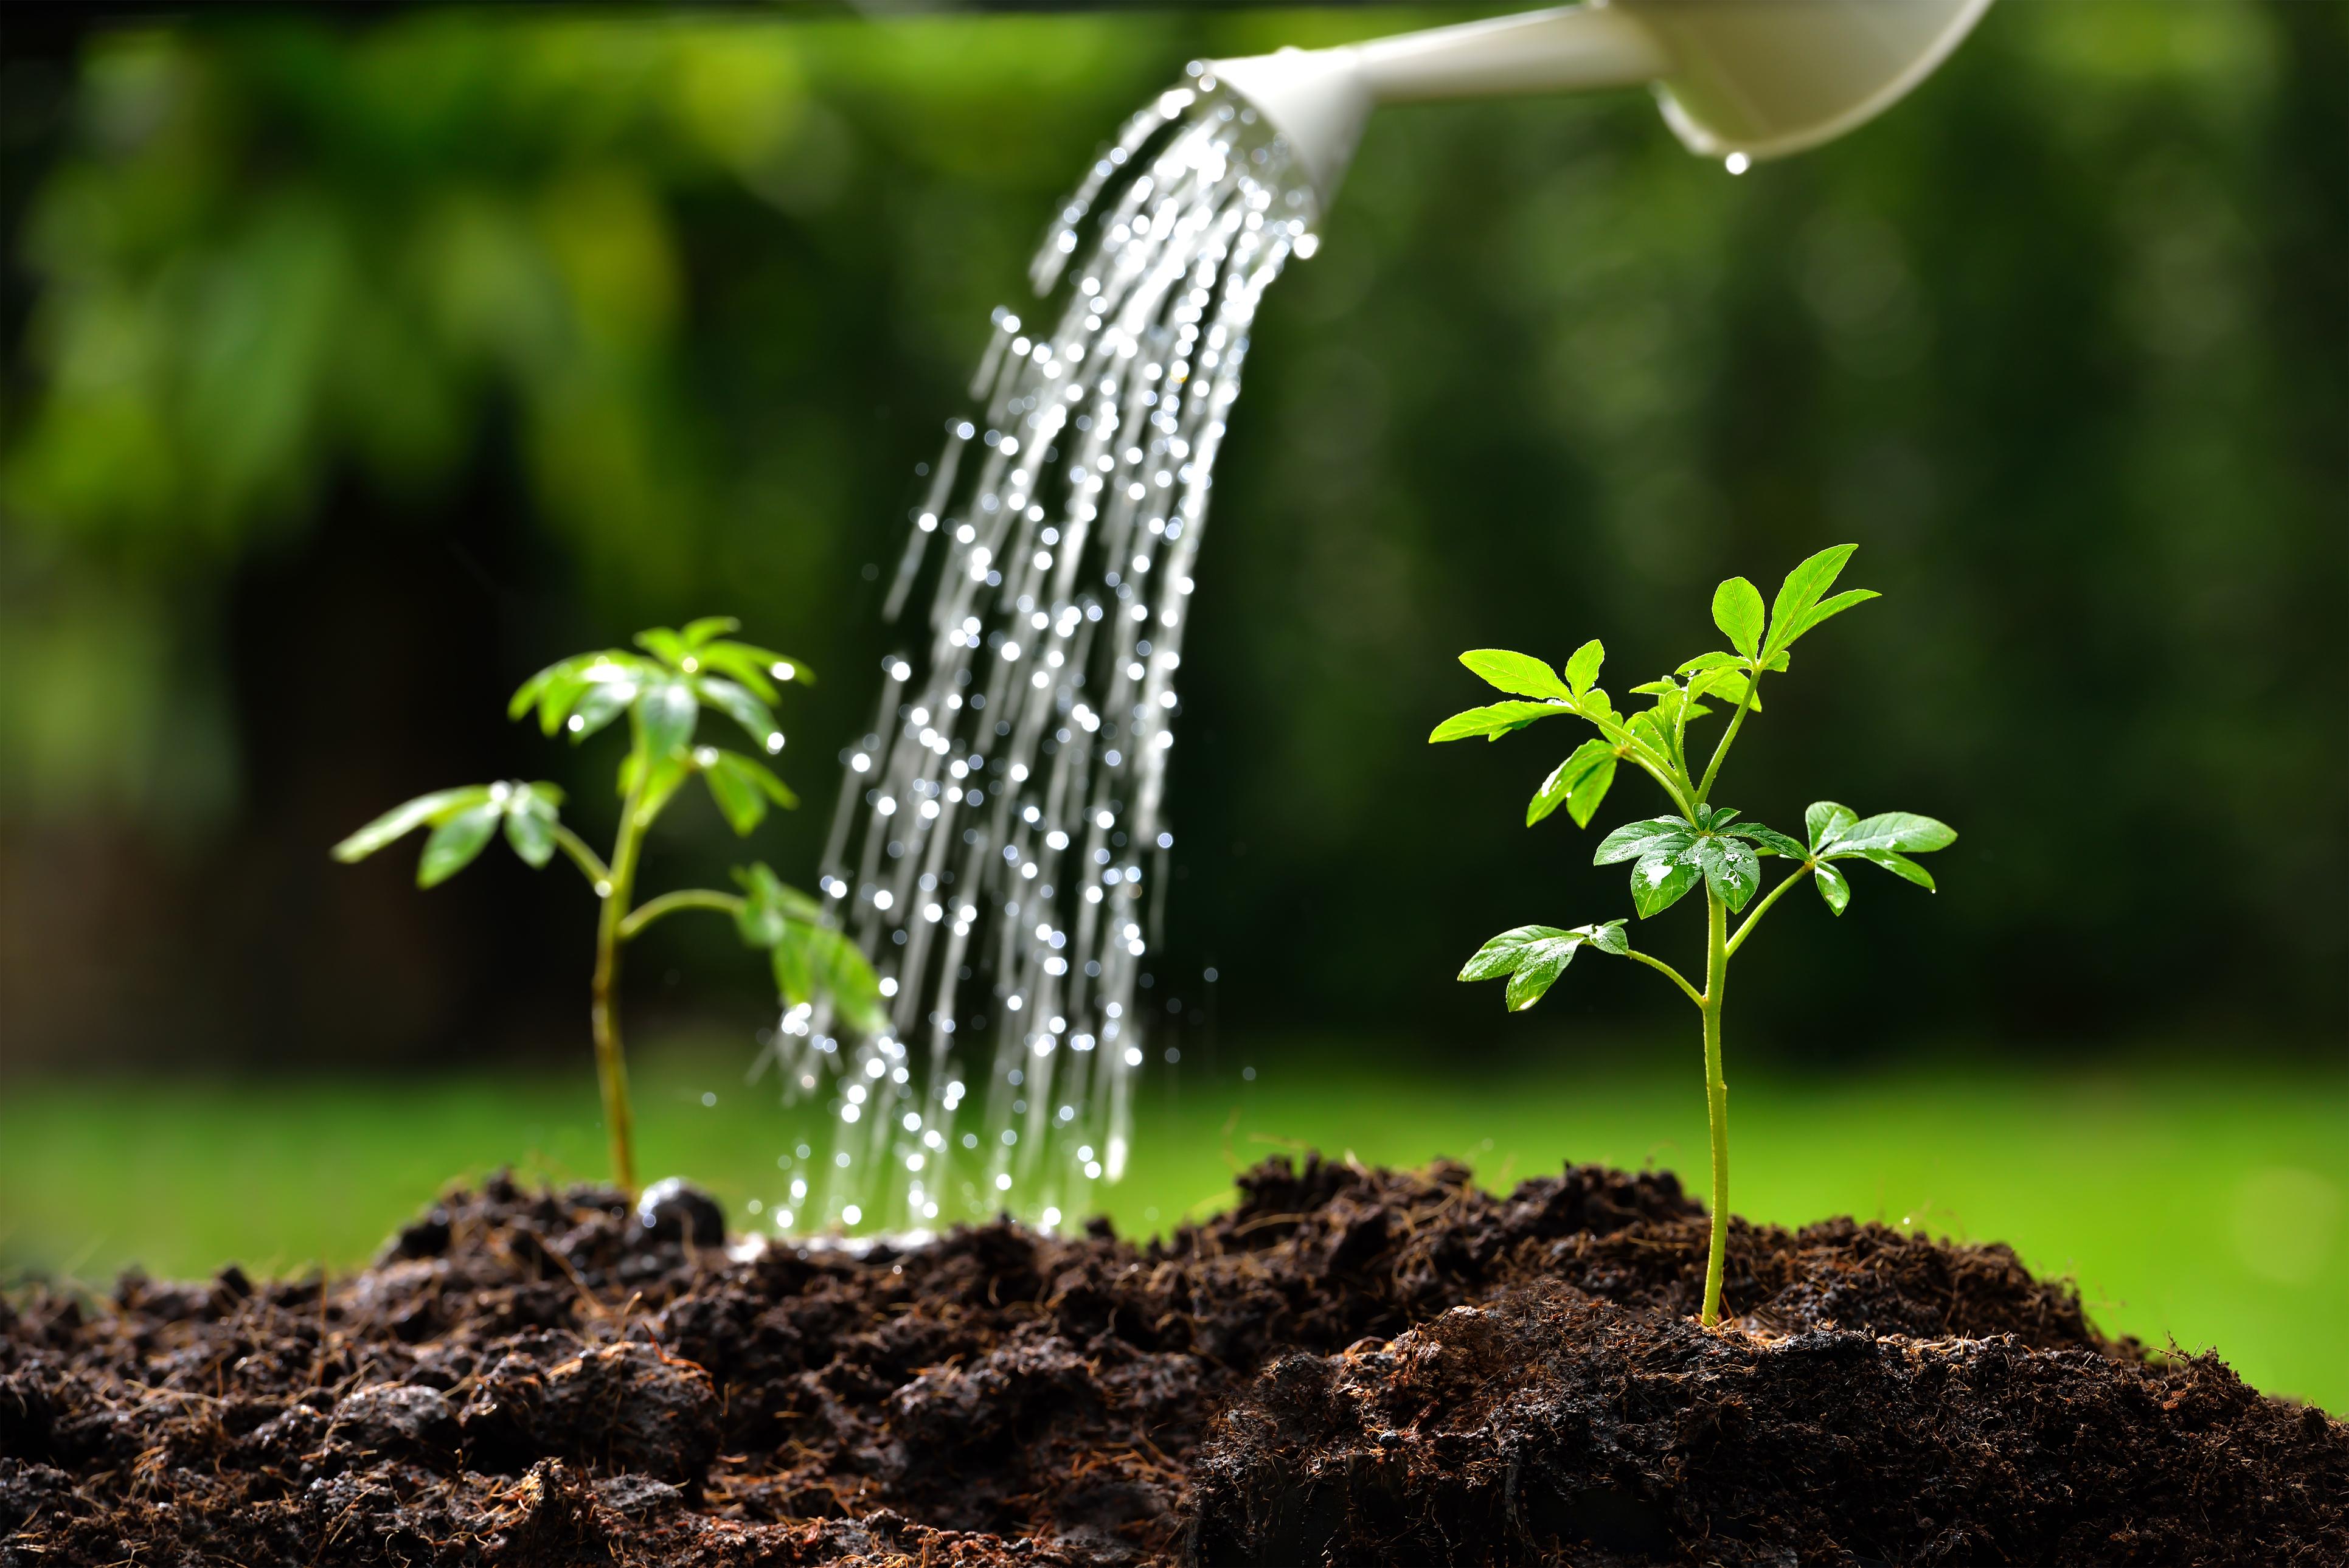 Αποτέλεσμα εικόνας για watering plants